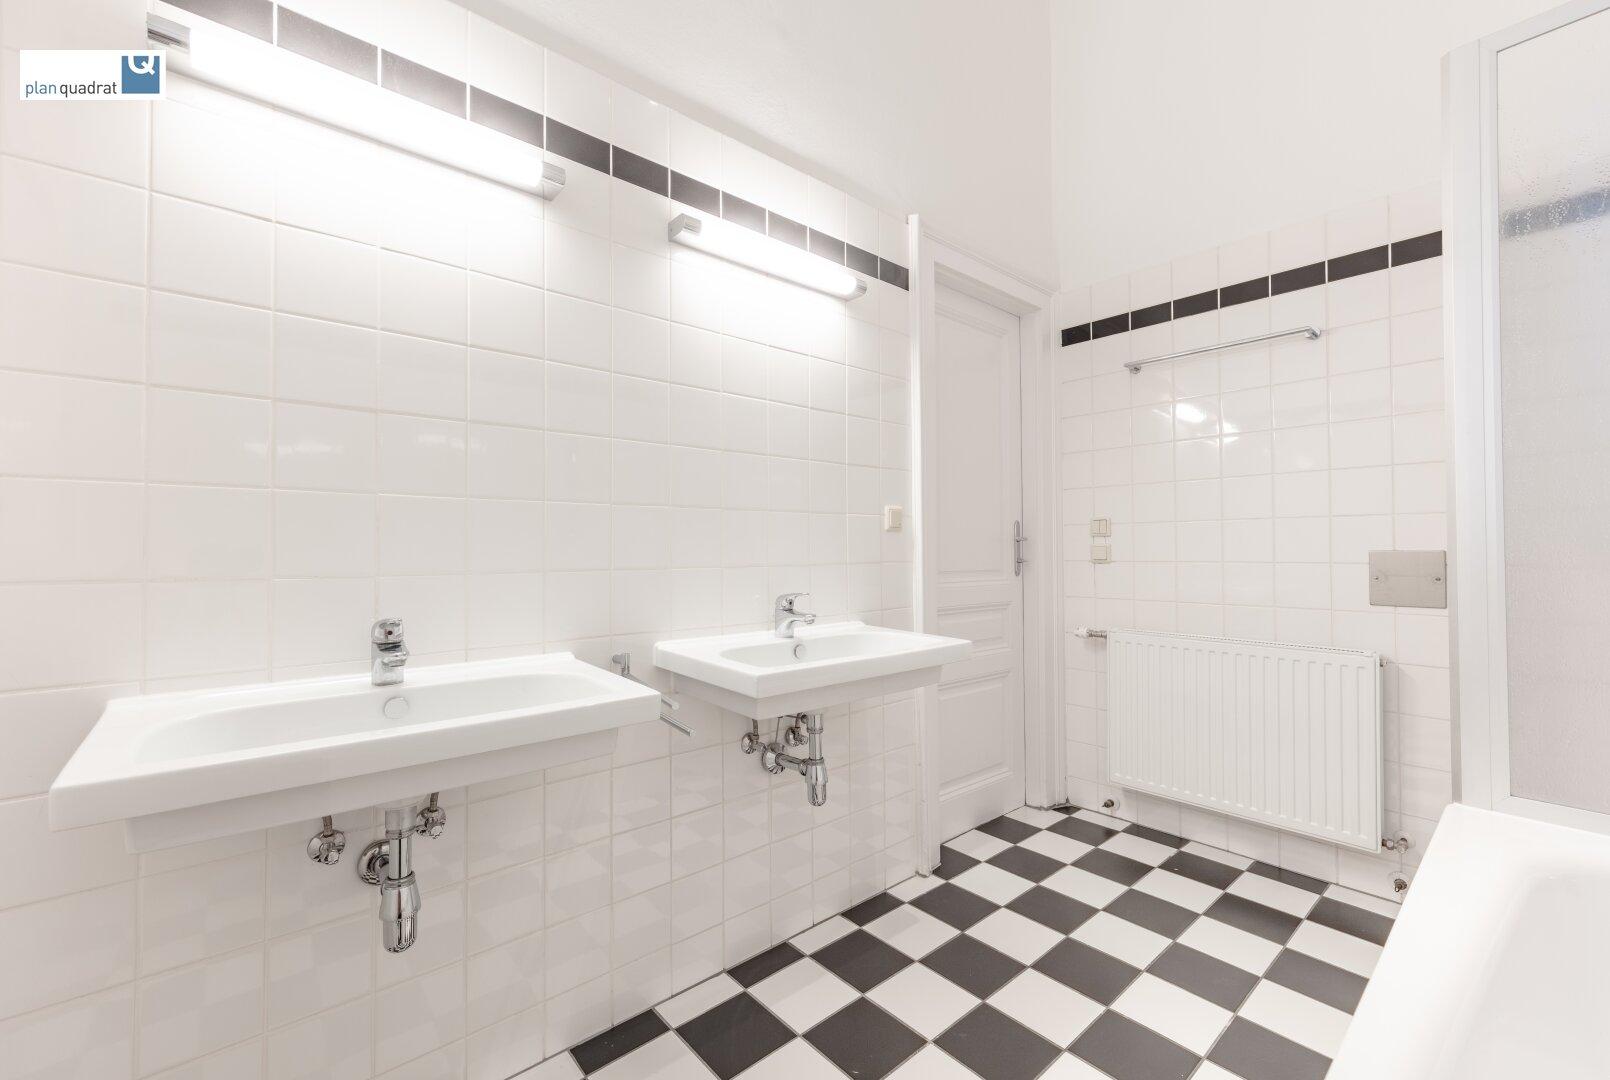 Badezimmer (mit zwei Waschbecken, Badewanne und Dusche)